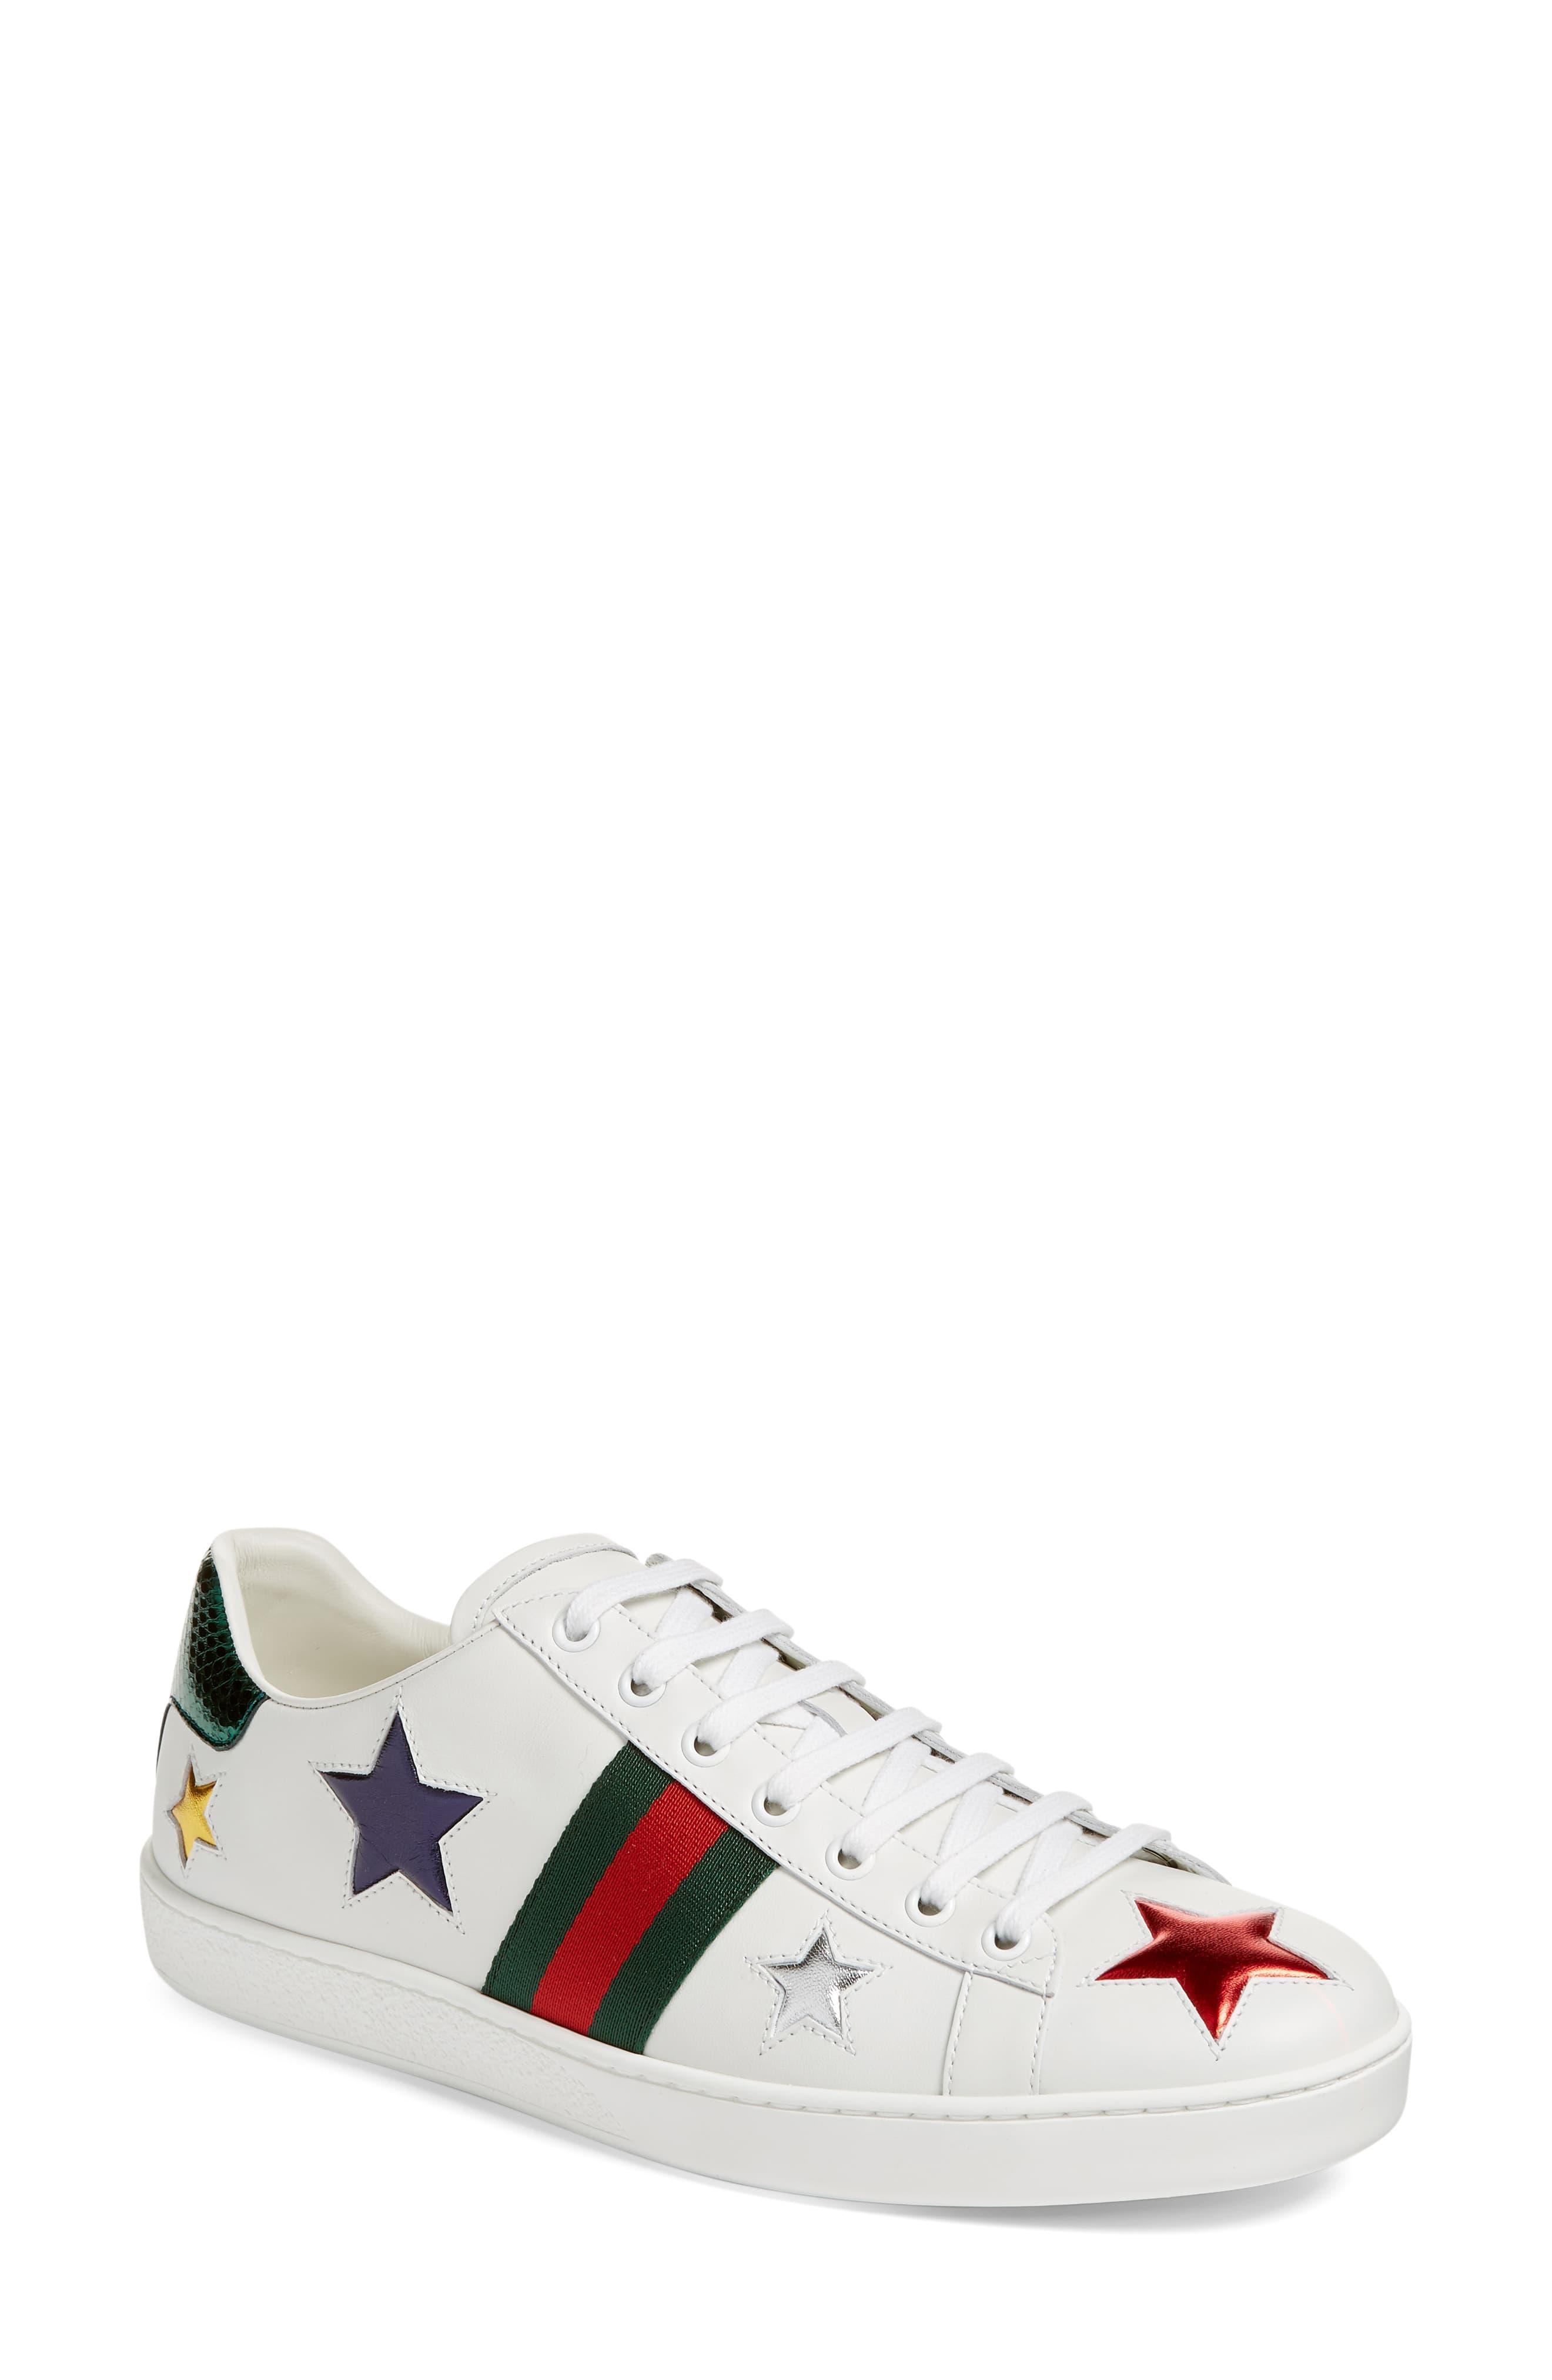 e78e87f4cb1 Gucci White New Ace Star Sneaker